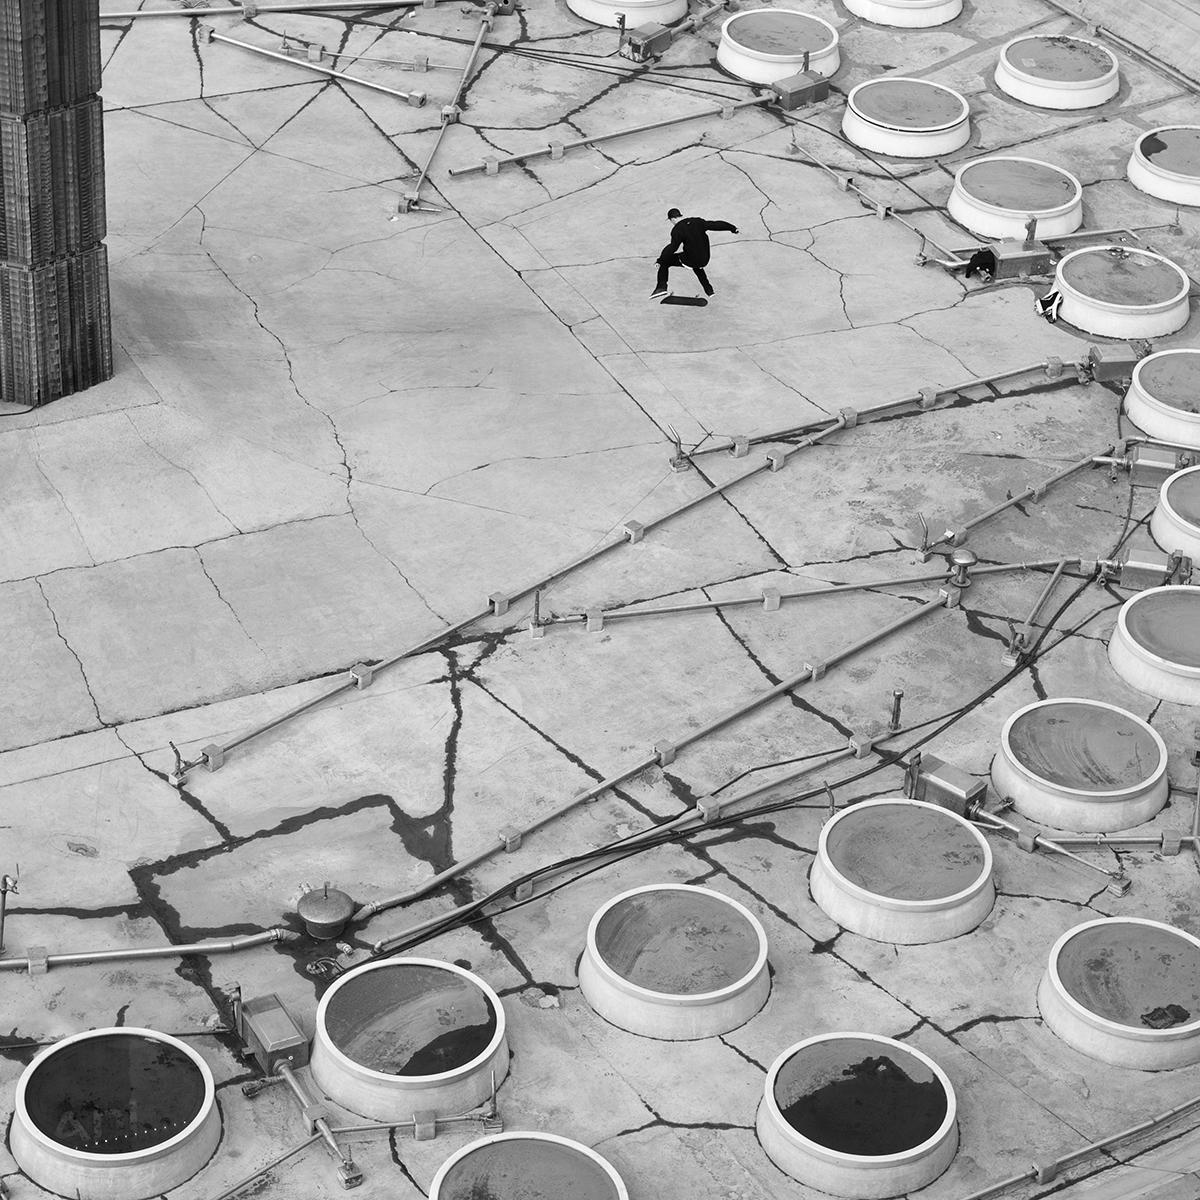 © Malin Jochumsen Titel: Skejtare, Sergels torg  Plats/Datum: Stockholm 2011  Bildmått: 40x40 cm (pappersstorlek 50x50 cm)  Teknik: Arkivbeständig pigmentbläckutskrift  Träram med passepartout  50x50 cm  Upplaga: 20 Signerad: Ja  Pris: SEK 3900